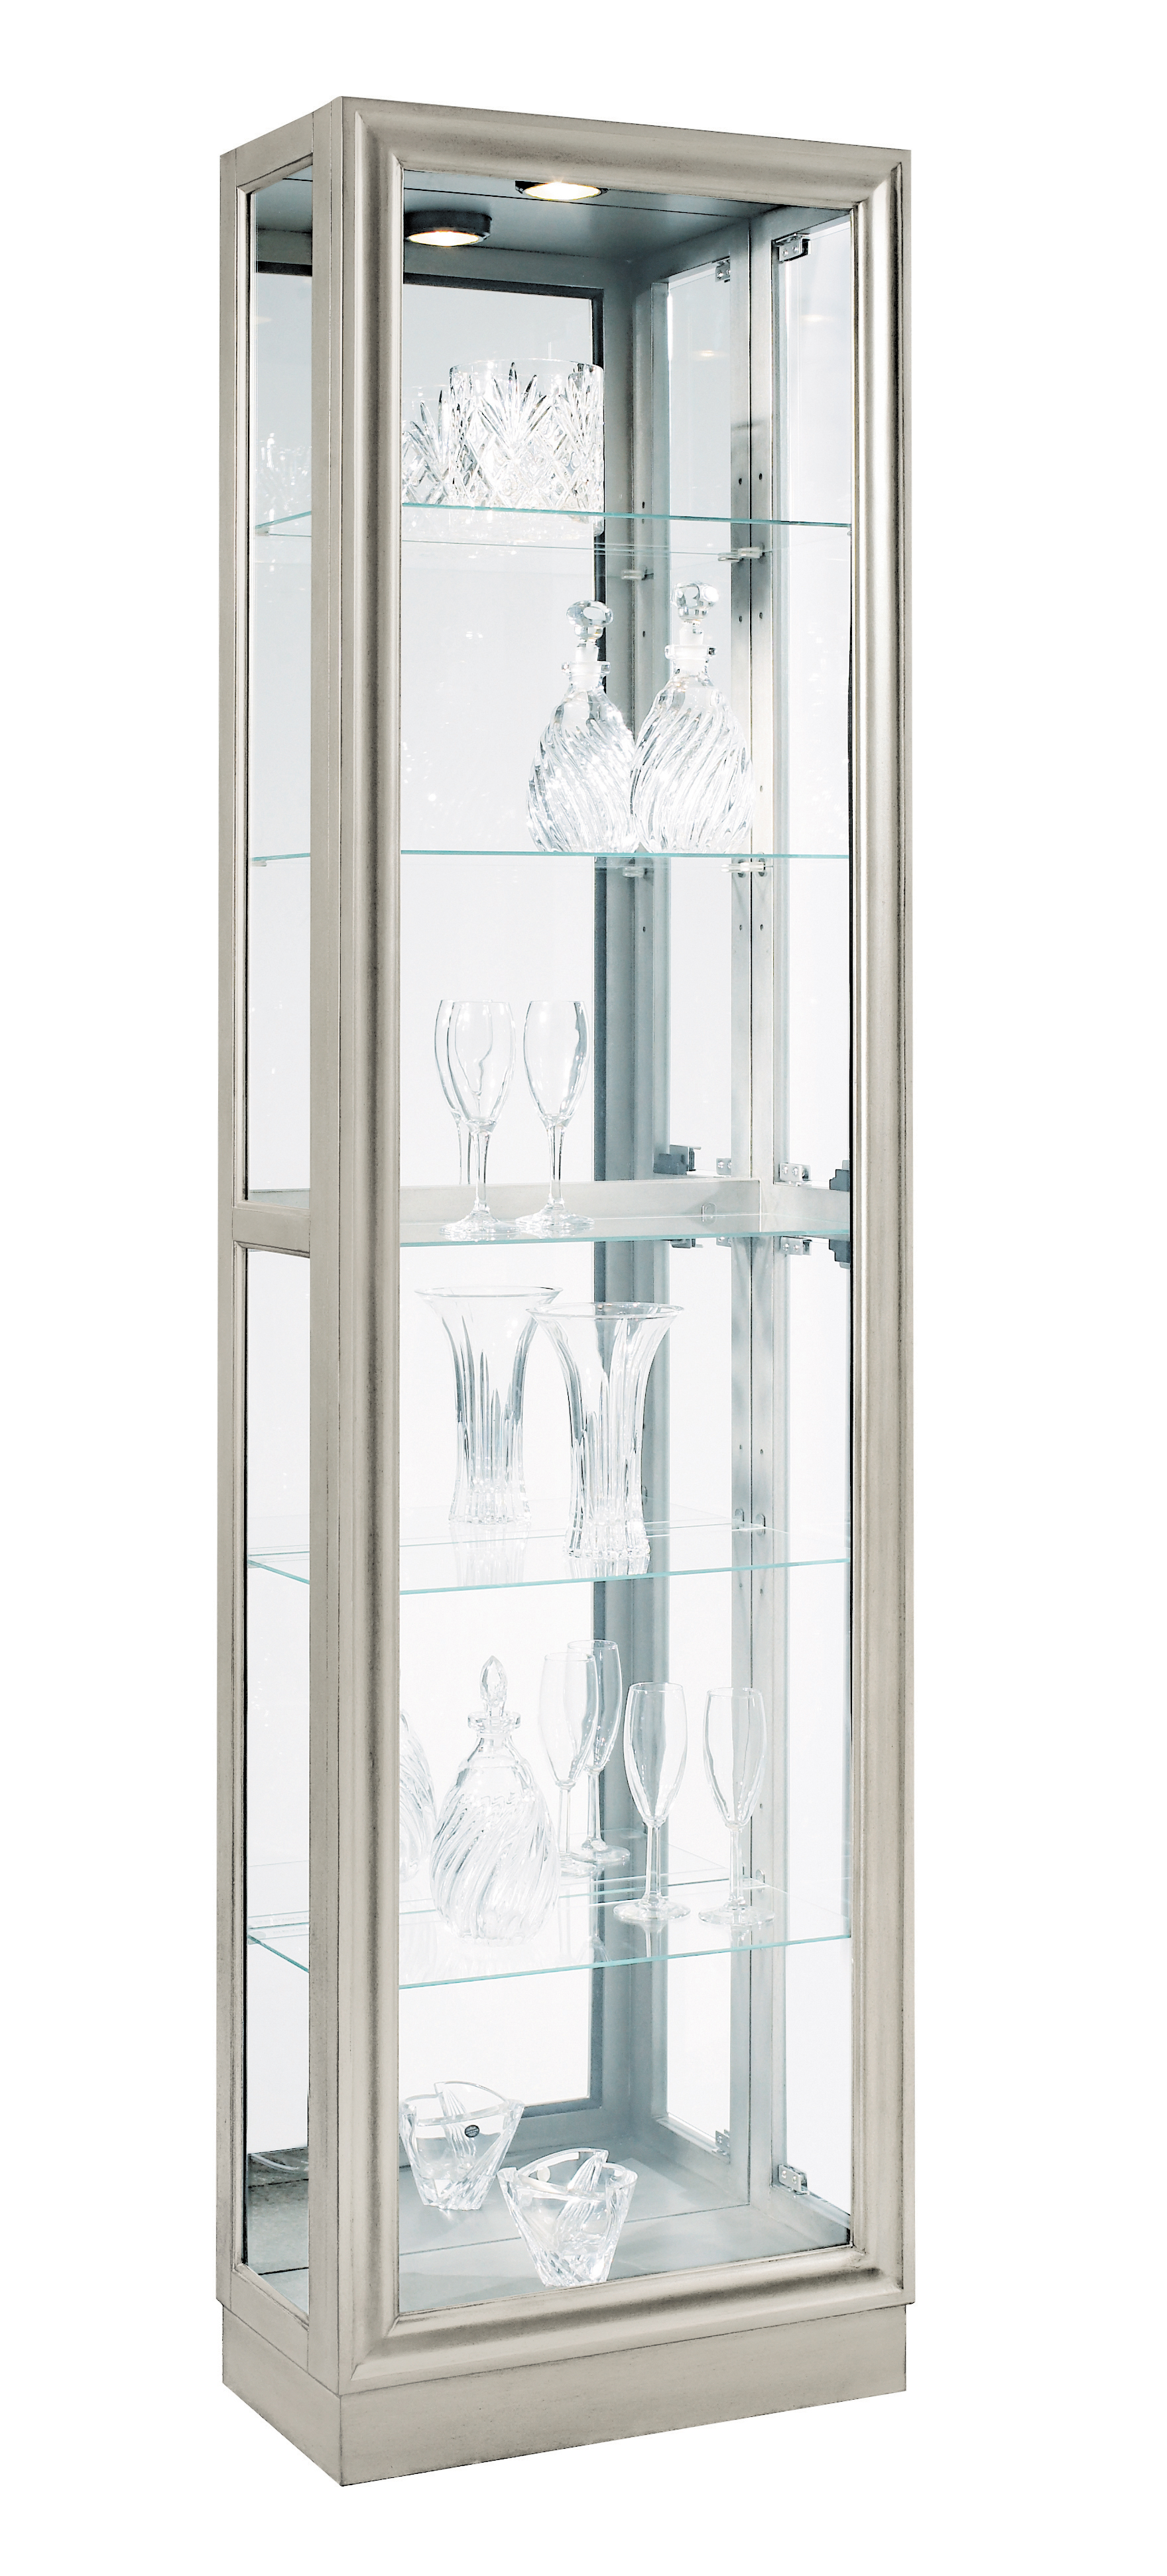 Merveilleux Pulaski Curio Modern Display Cabinet In Platinum